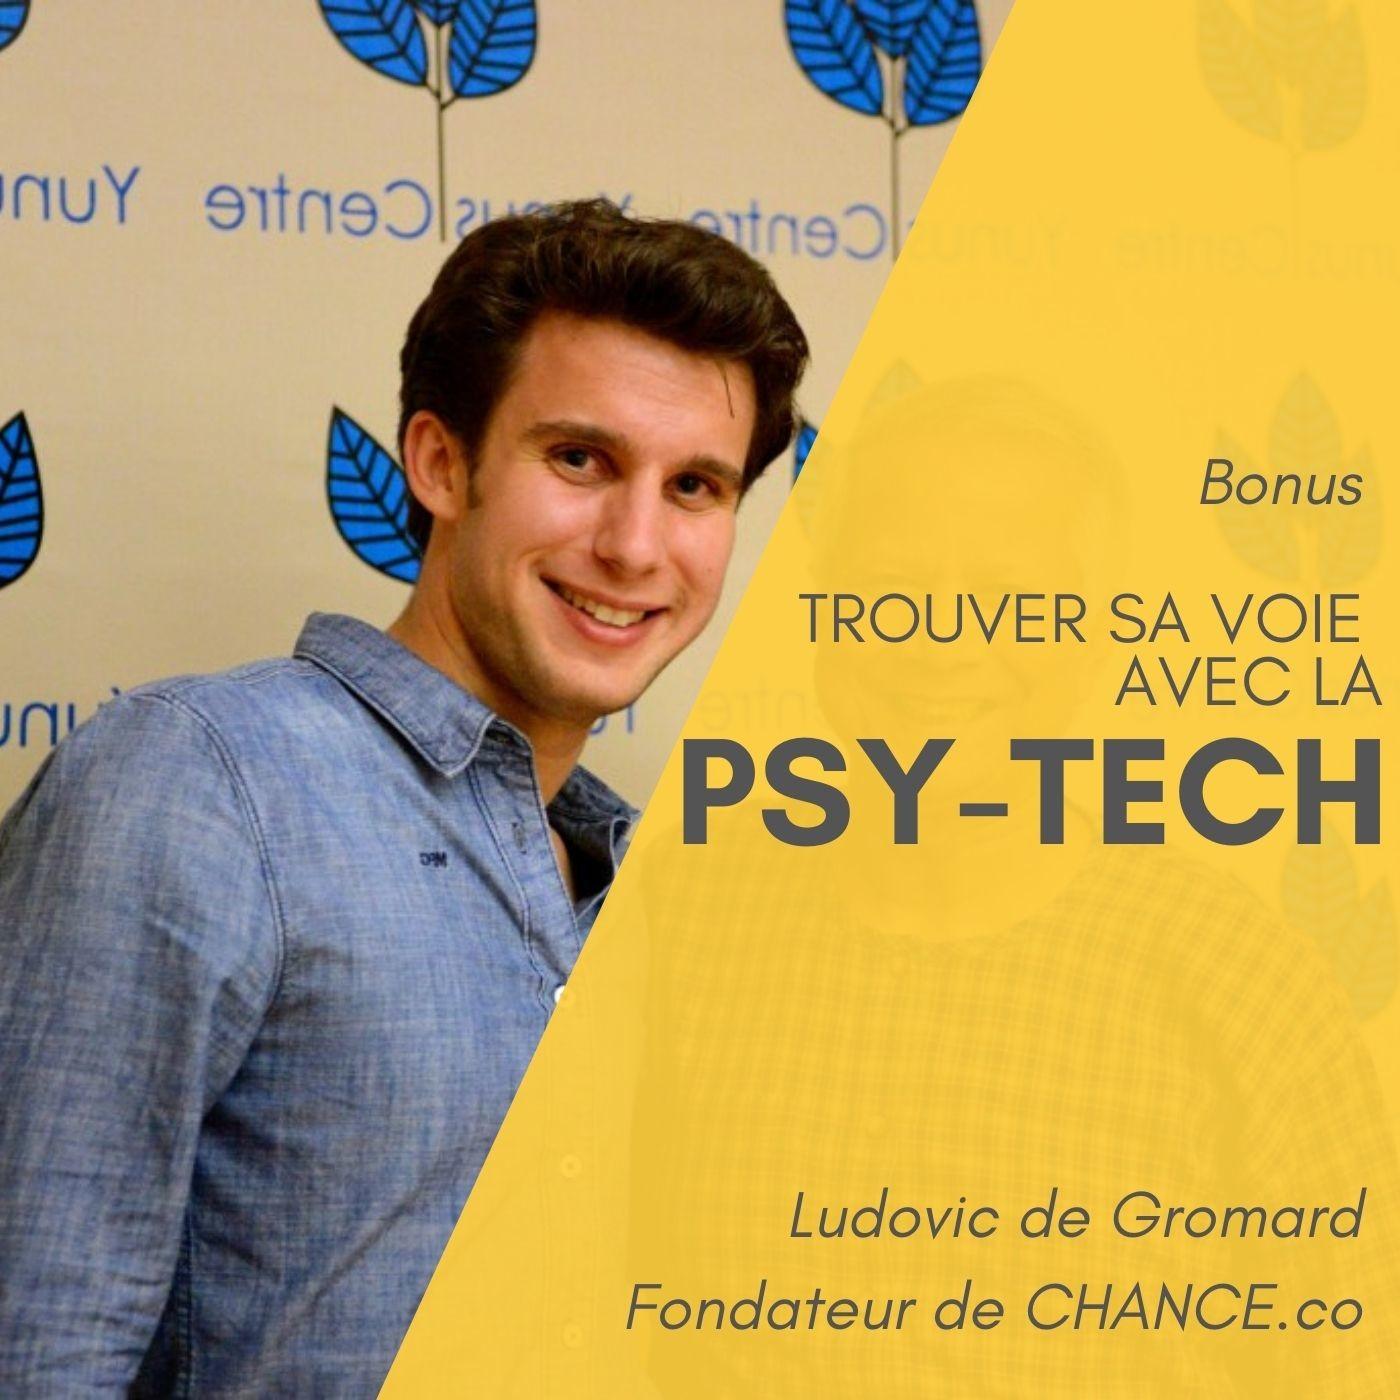 #9 Bonus - Trouvez votre voie grâce à la Psy-Tech